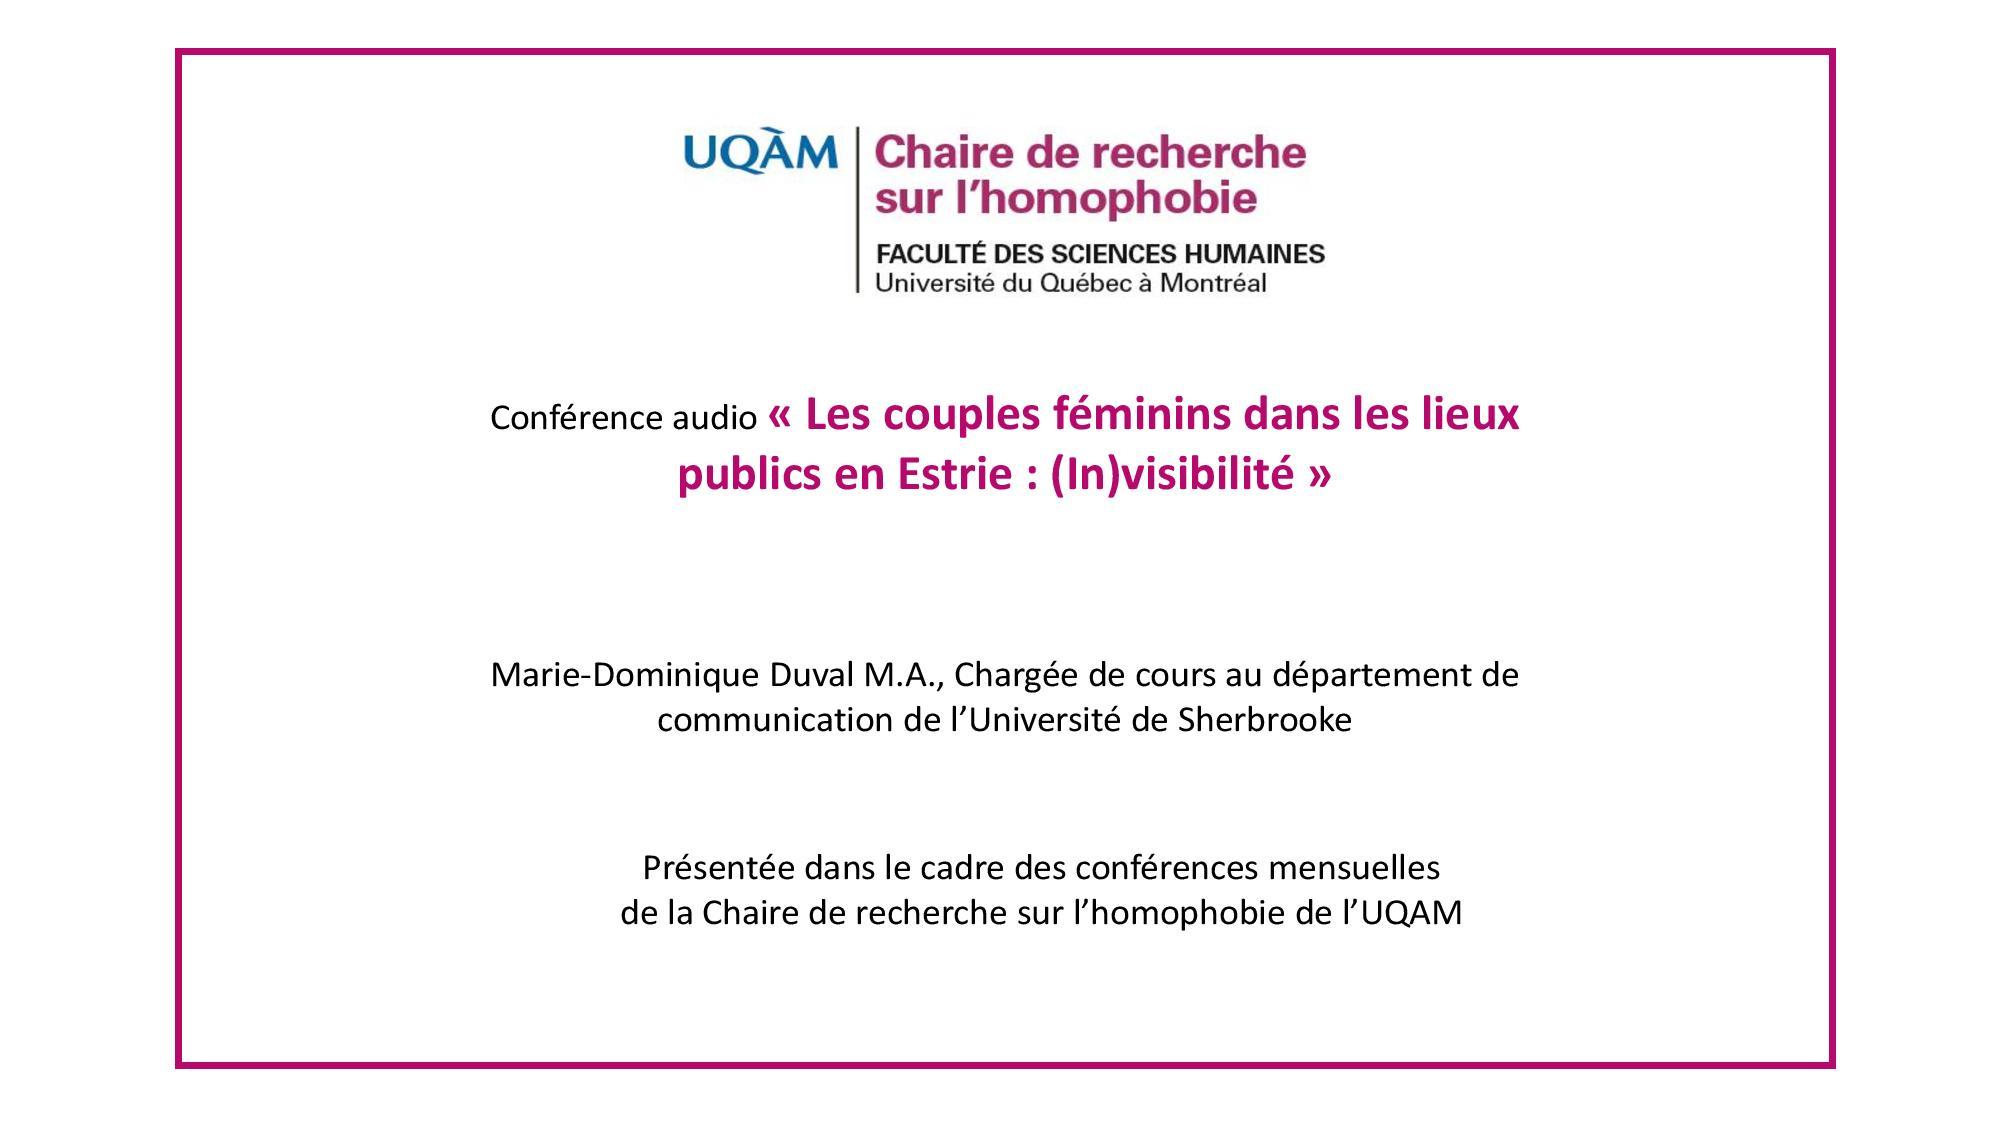 Conférence: «Les couples féminins dans les lieux publics en Estrie: (in)visibilité» (audio)